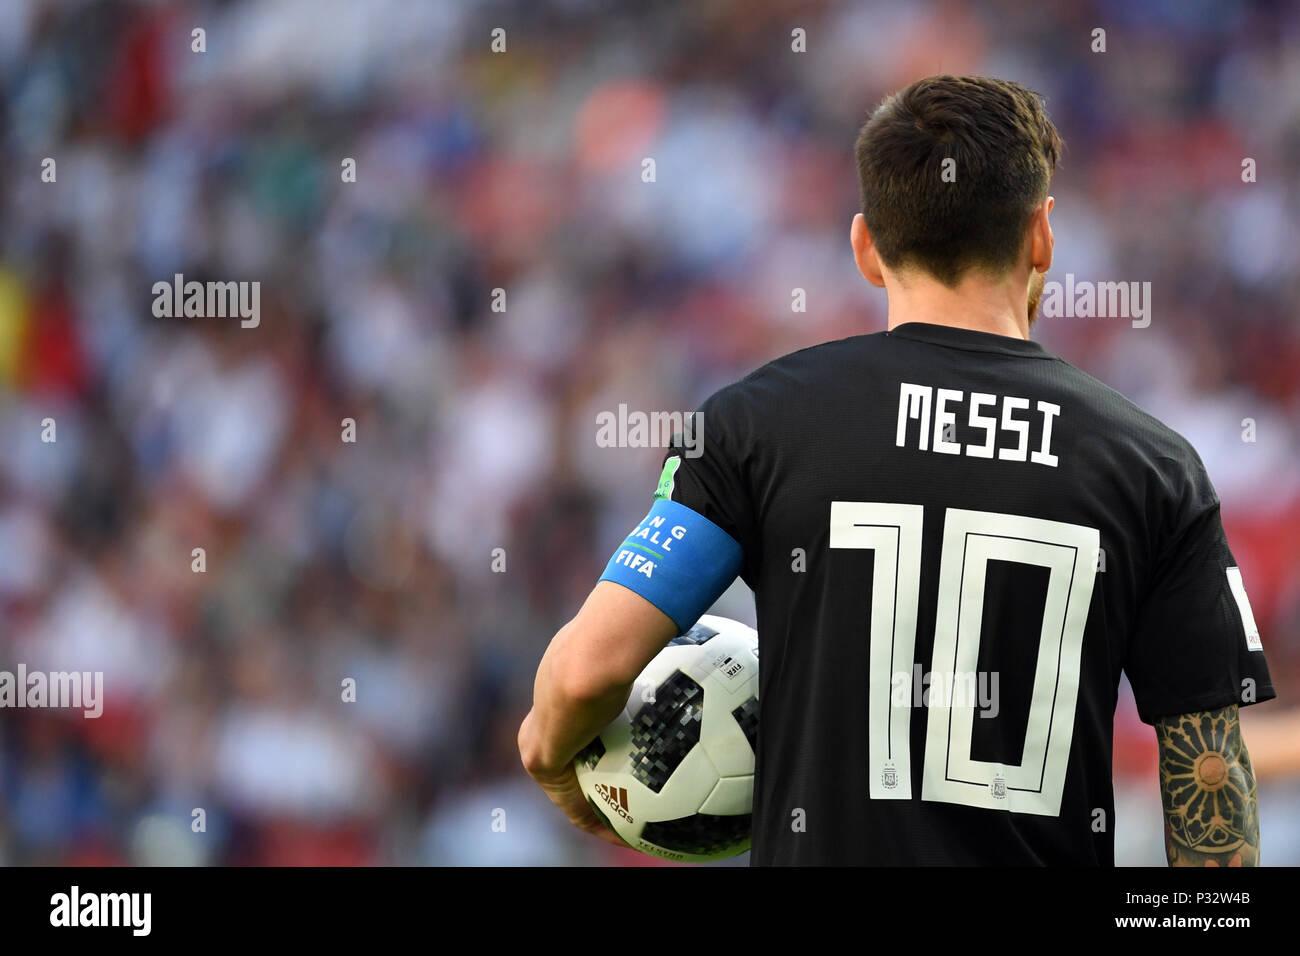 Fifa World Cup 2018 Argentina Vs Iceland Stock Photos   Fifa World ... 8185f9eba0480